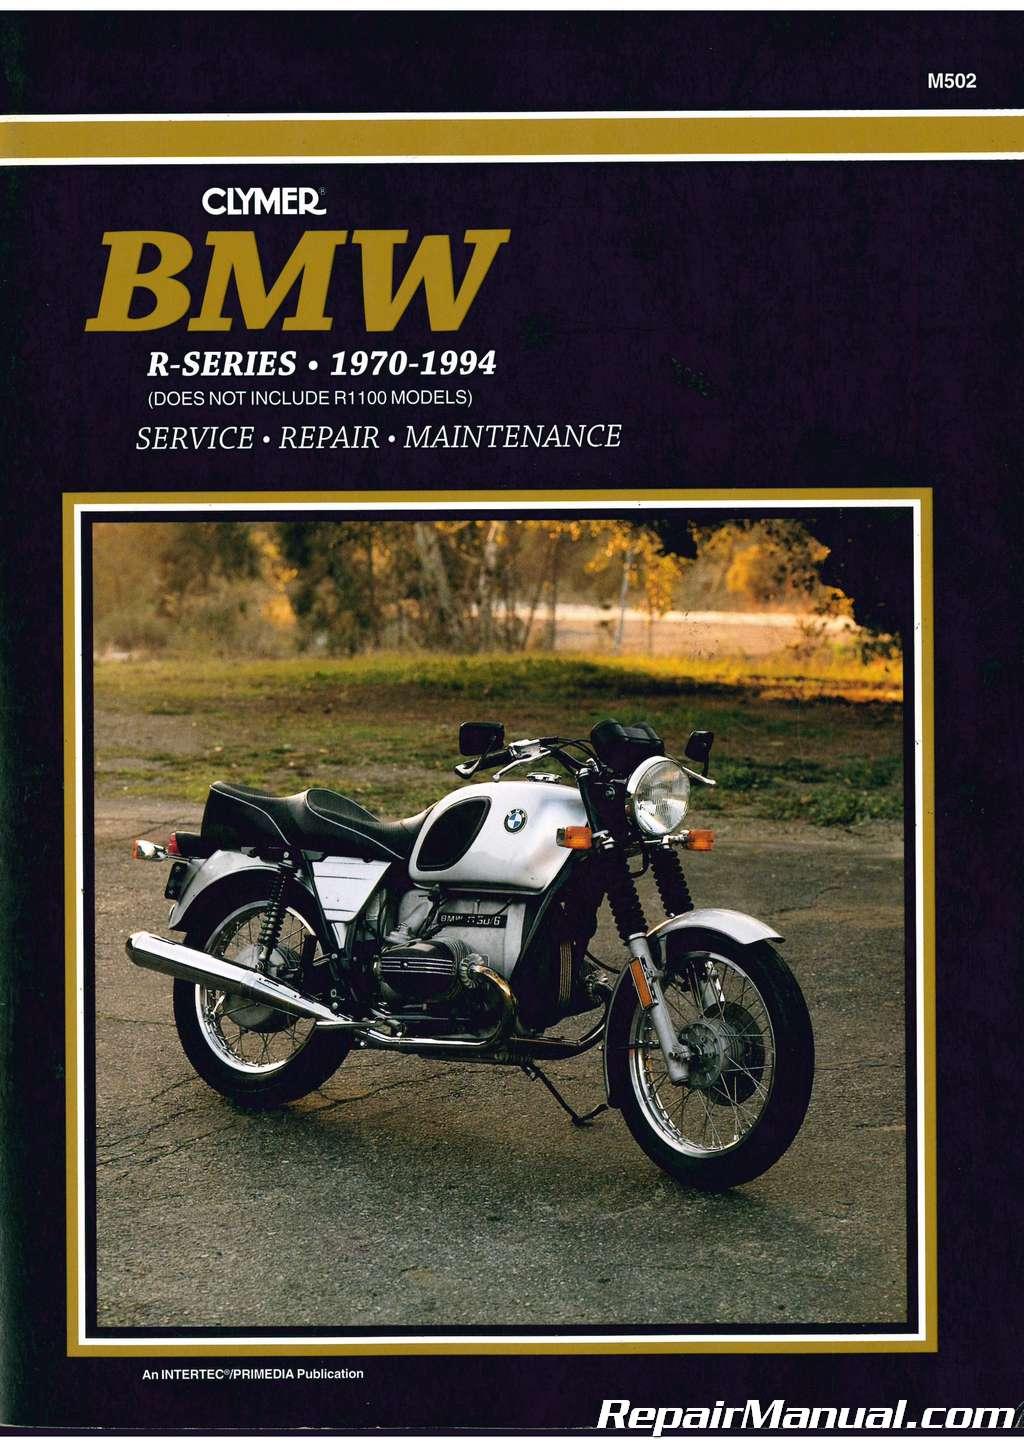 Bmw motorcycle workshop manual 1967 floyd clymer r50 r50s r60 r69s.